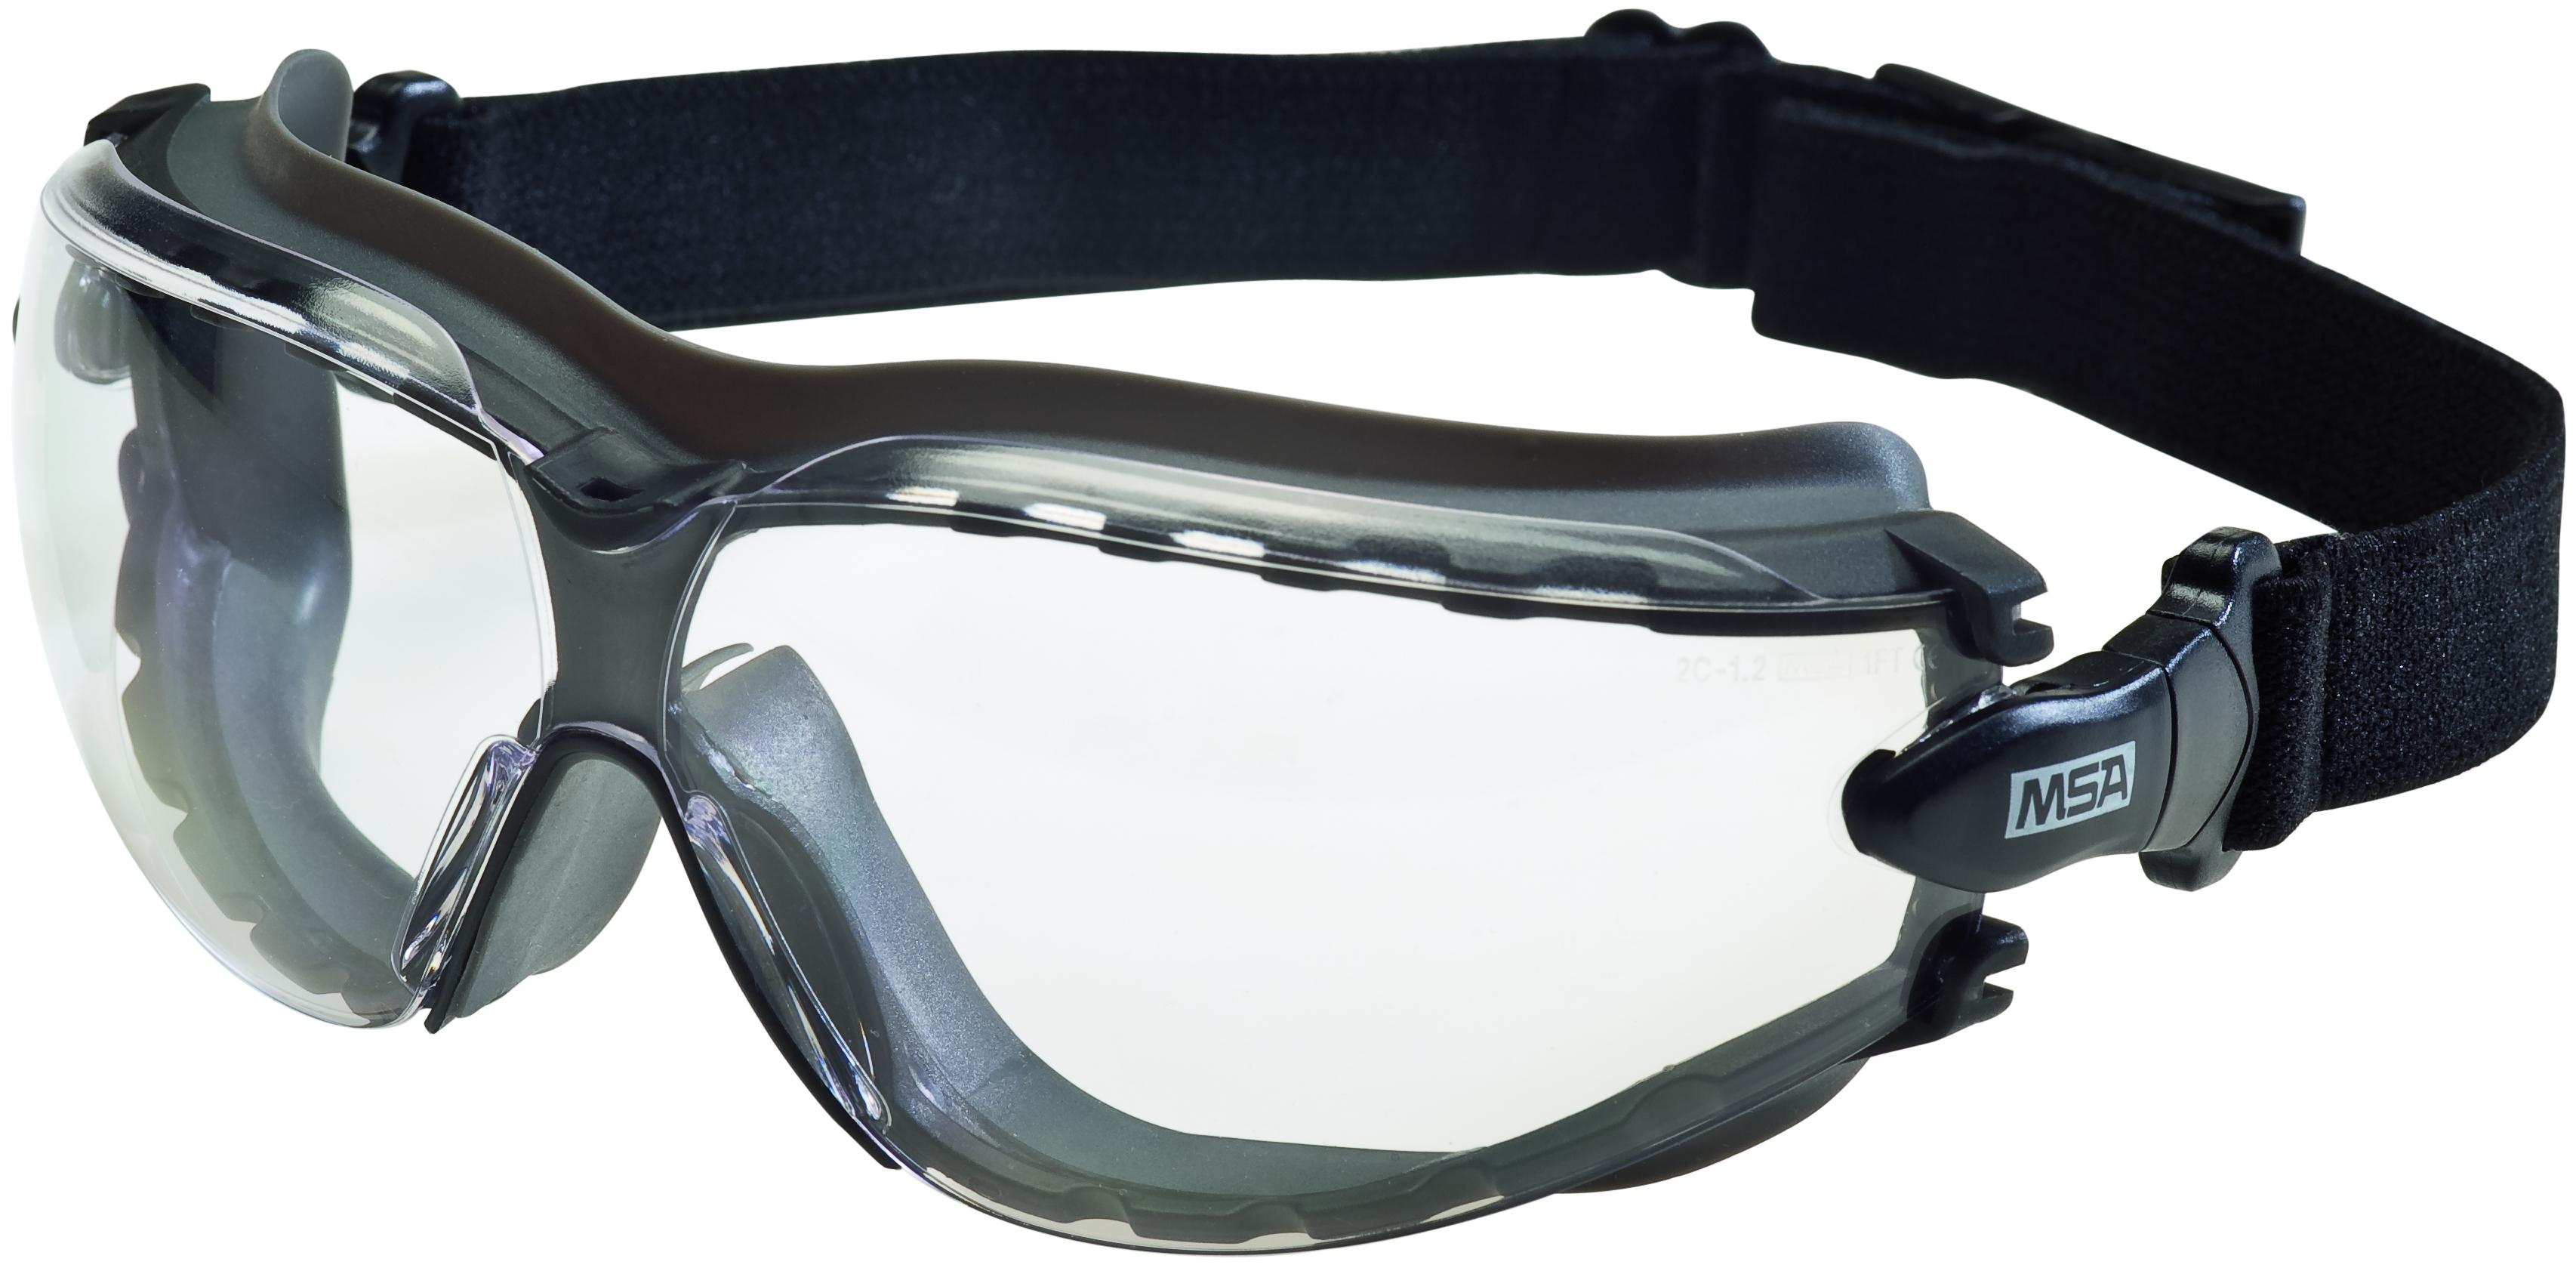 Combinaison lunettes à branches & lunette-masques - Lunettes enveloppantes : Oculaire incolore PC 9....